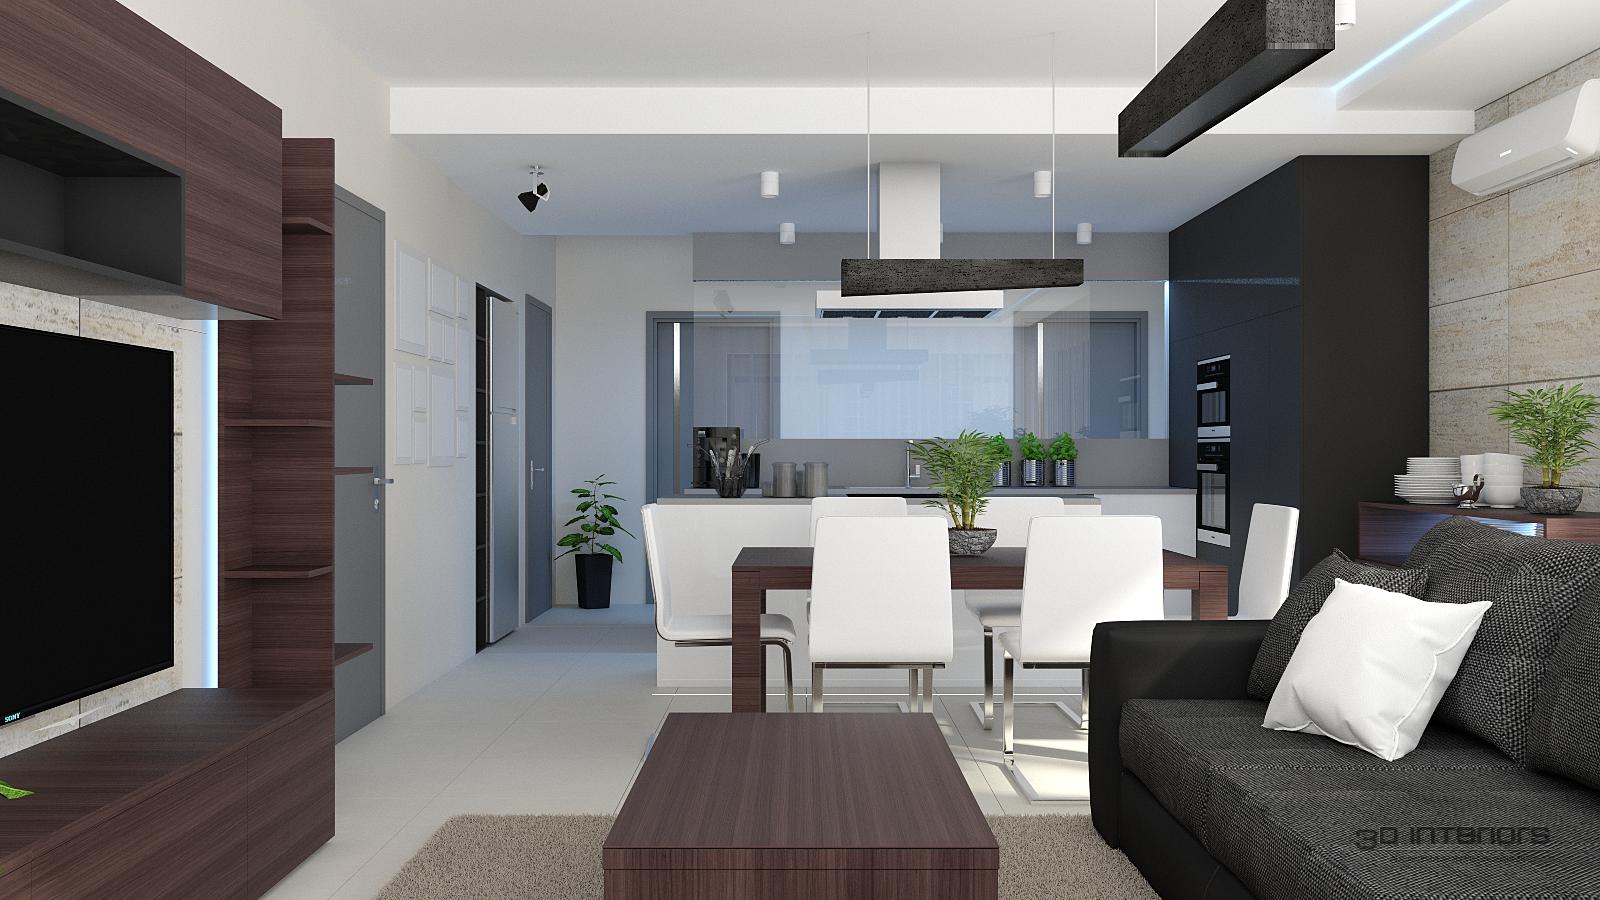 Gardaház - 3D Interiors